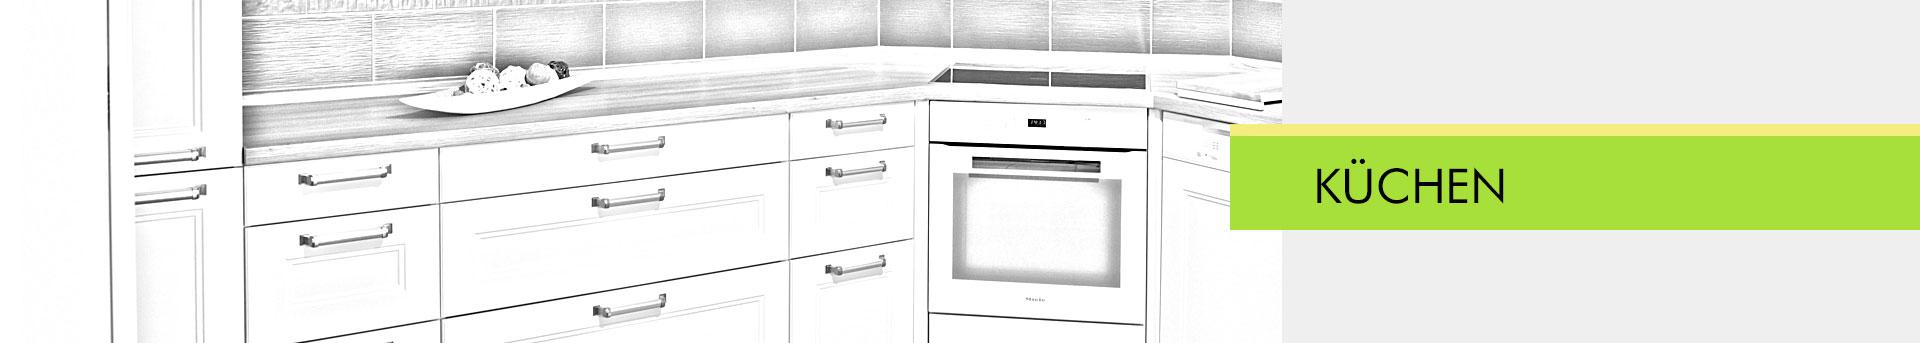 Küchenstudio oeser ihr küchenfachgeschäft direkt an der b96